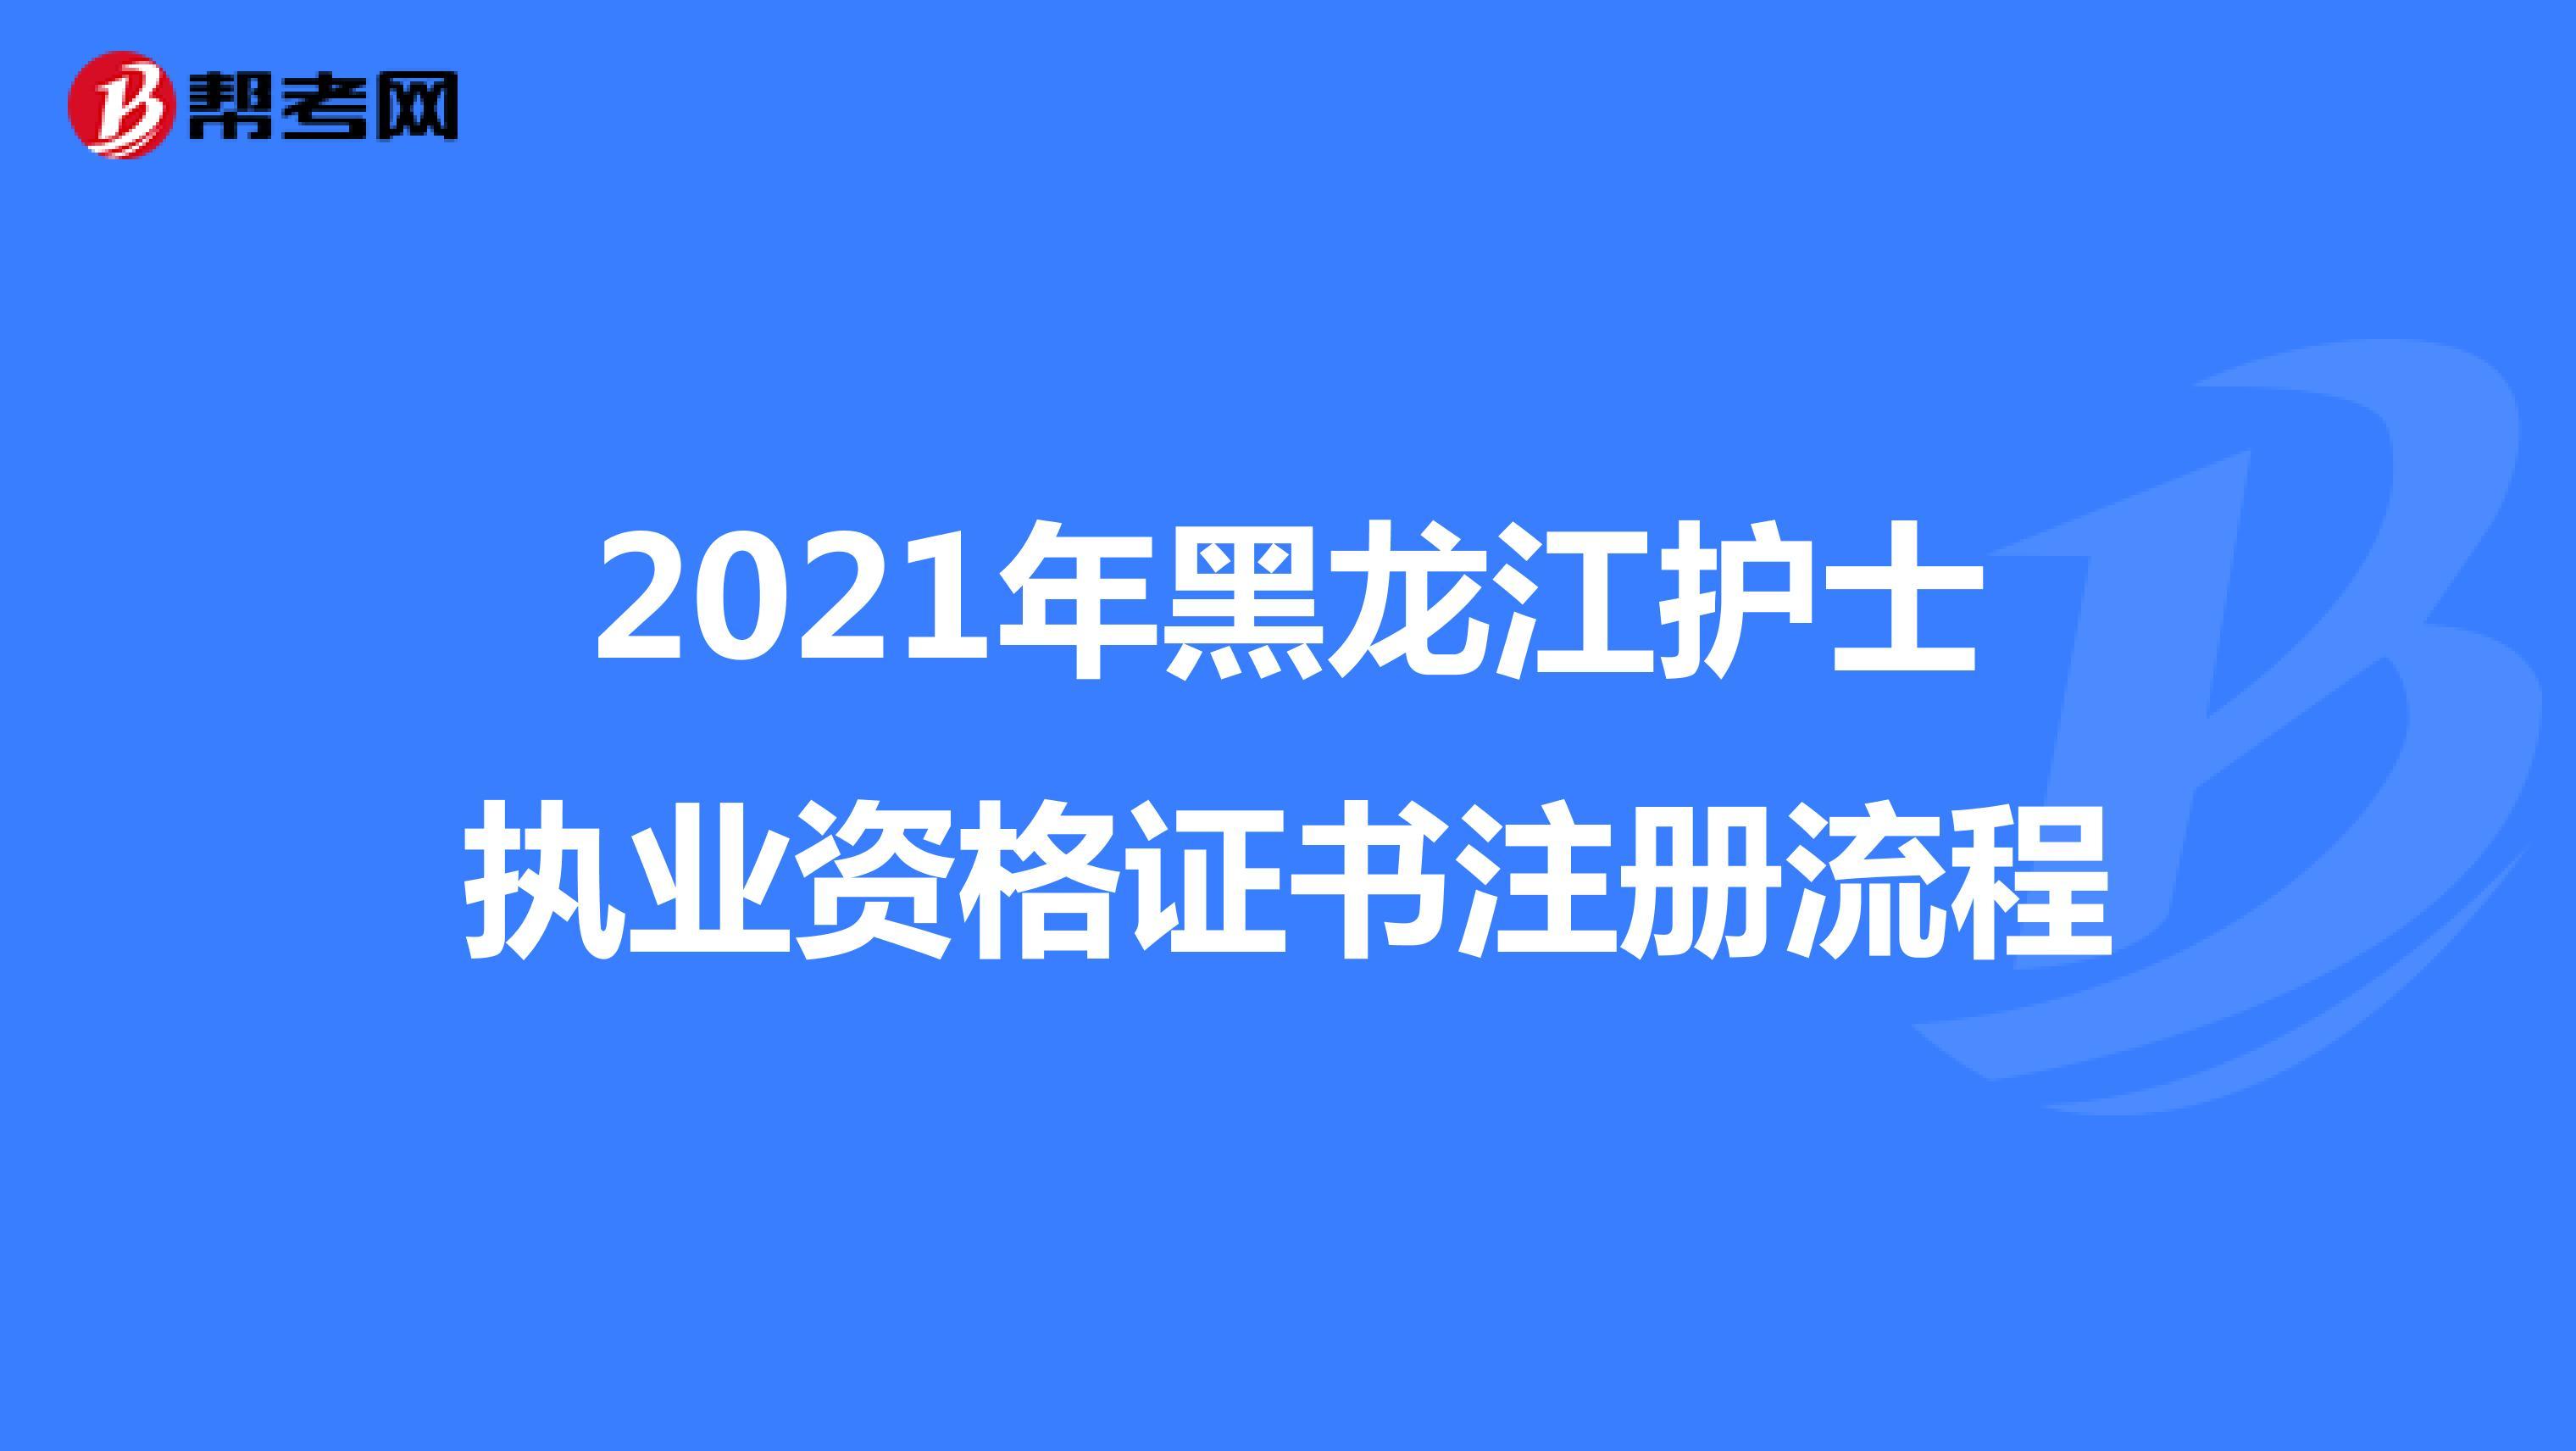 2021年黑龙江护士执业资格证书注册流程